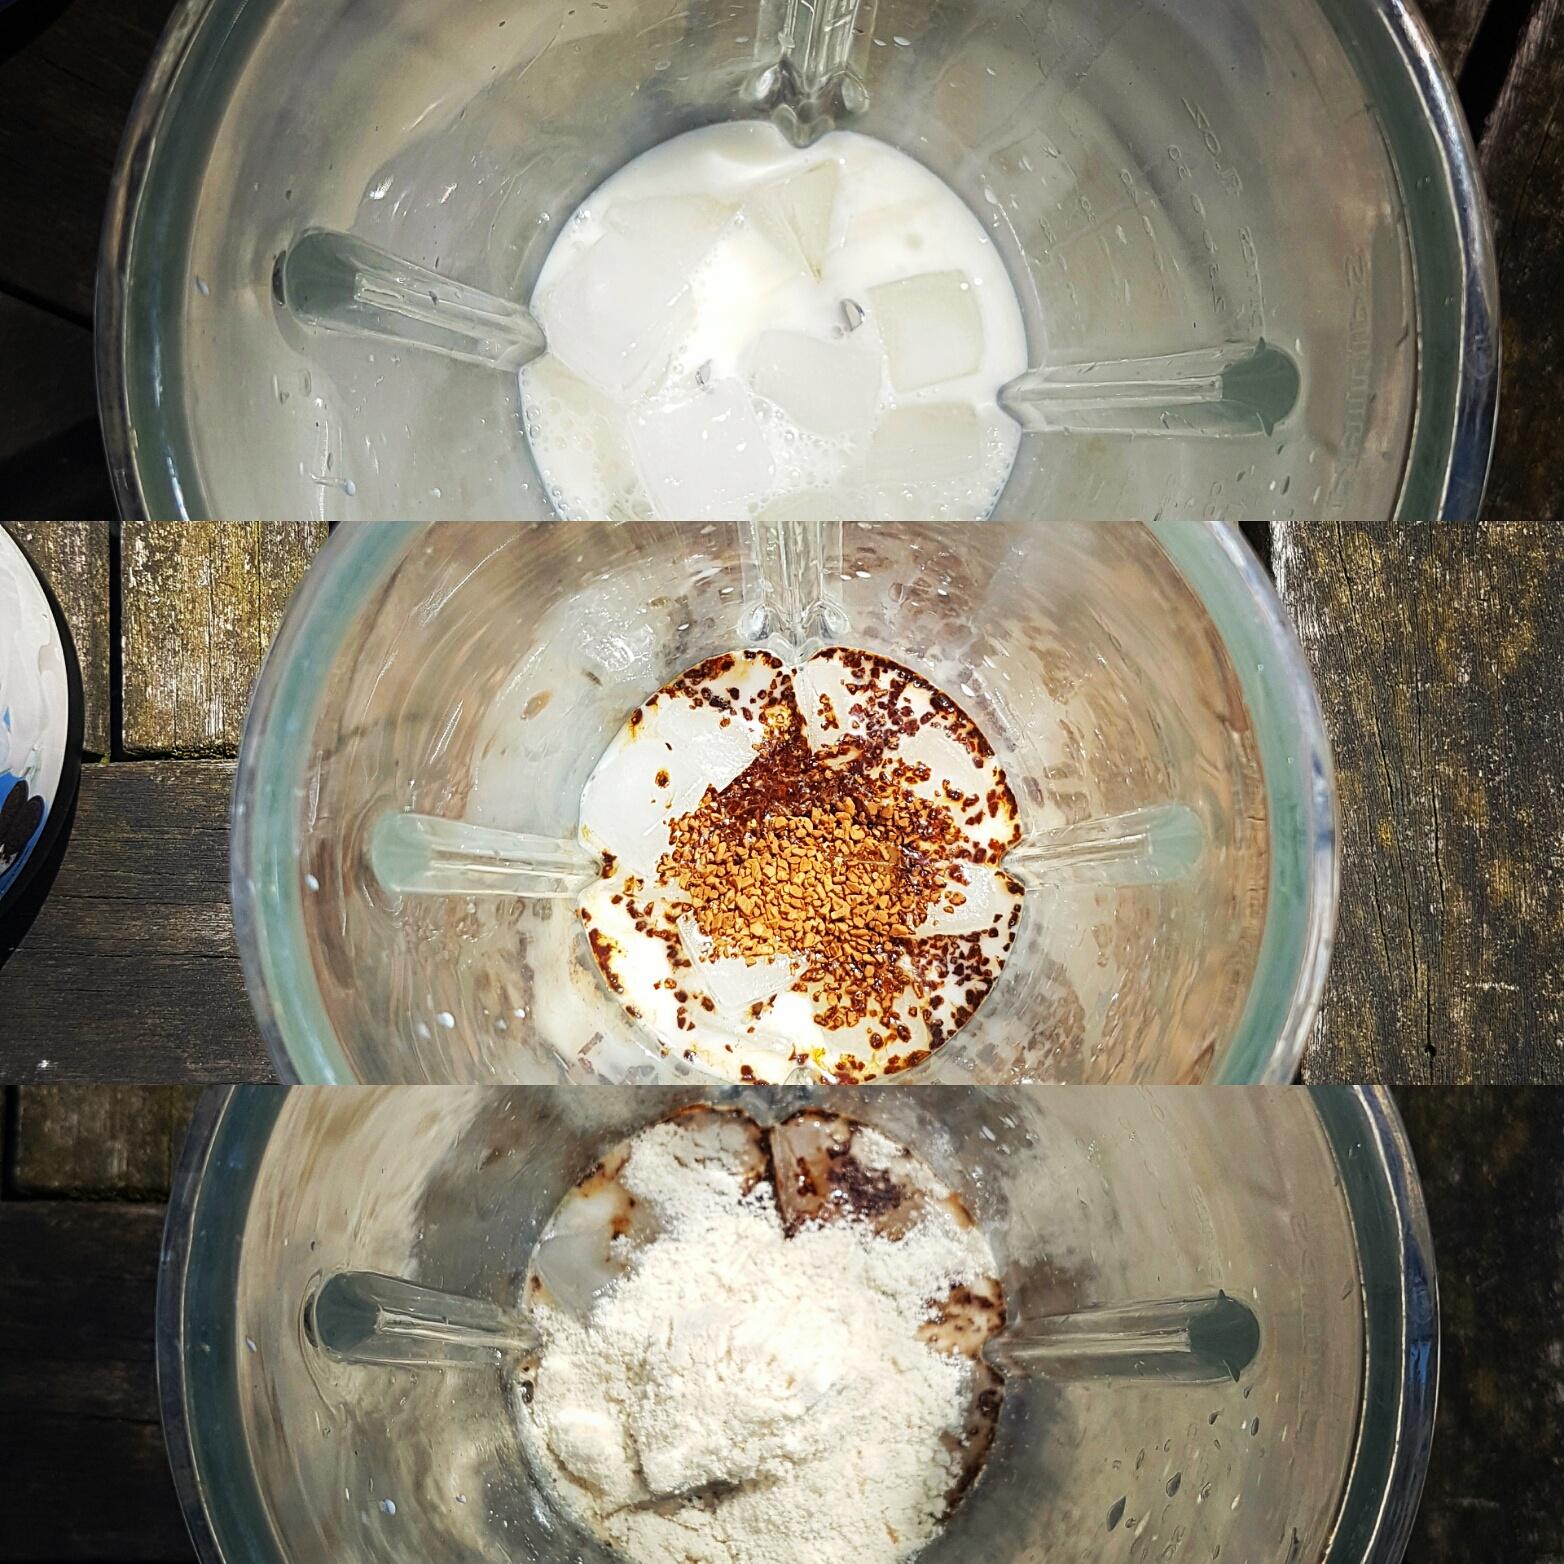 De blenderkan met de ingrediënten voor protein ijskoffie